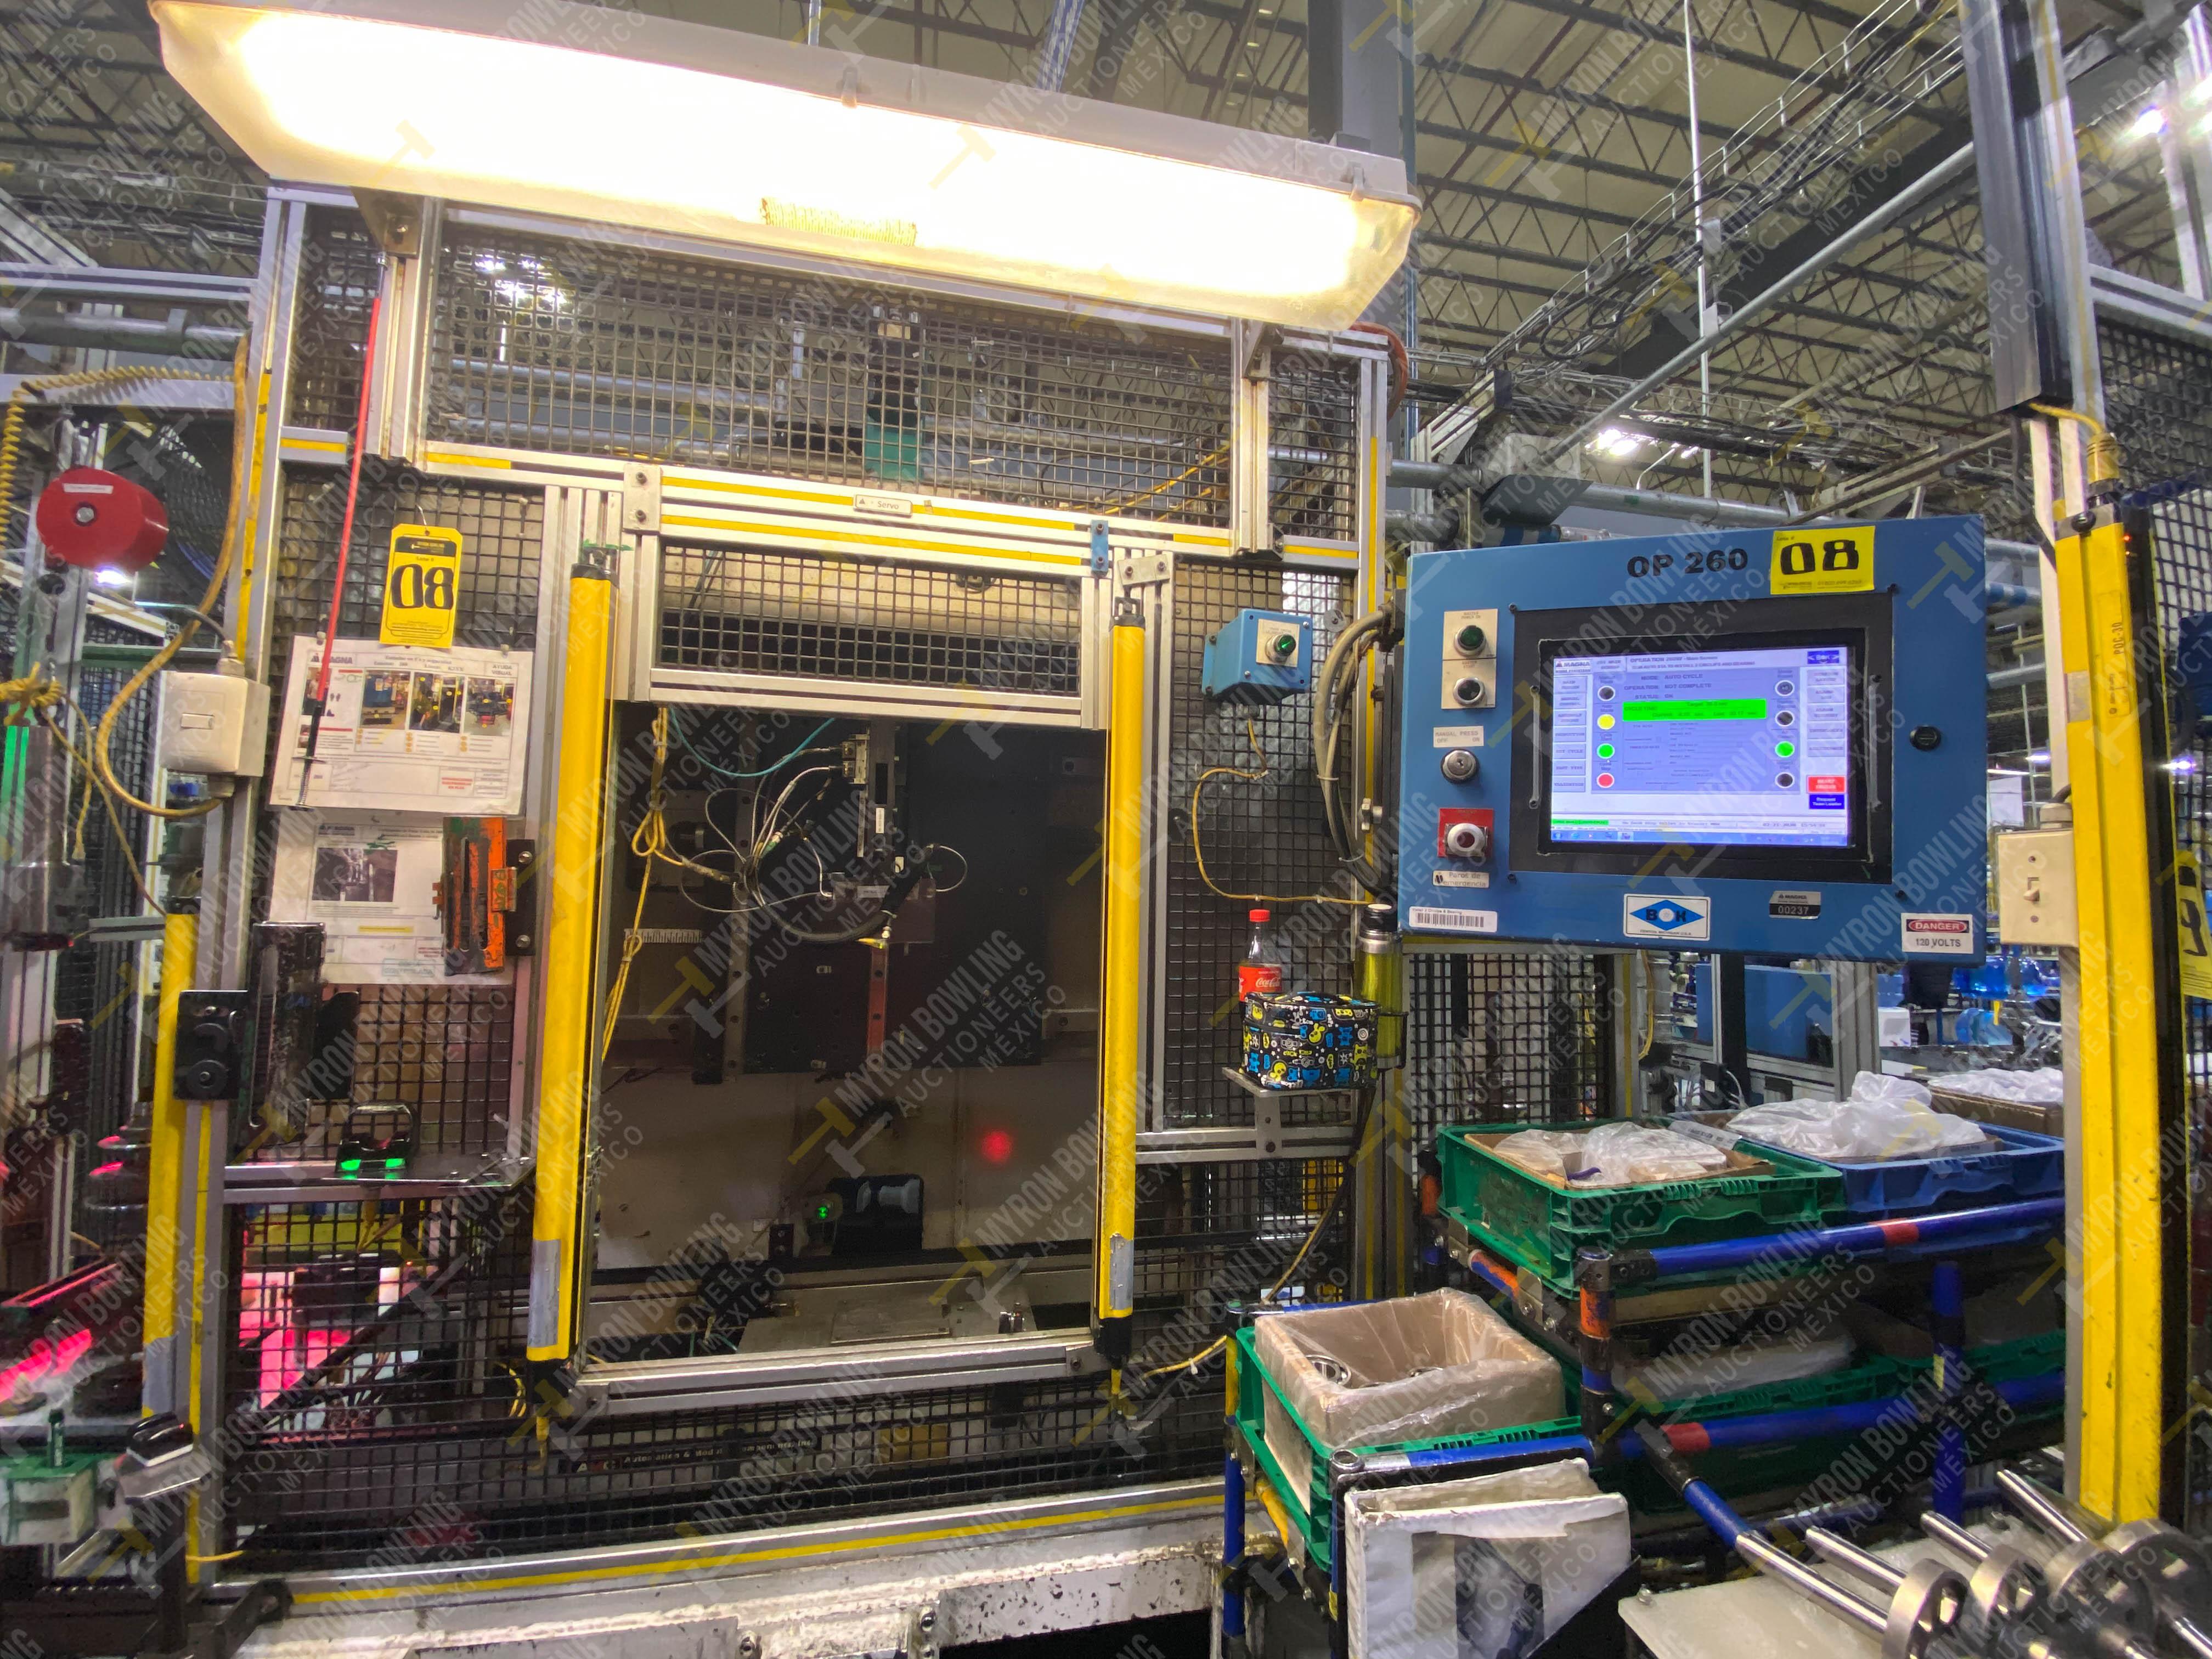 Estación semiautomática para operación 260 de ensamble - Image 4 of 20